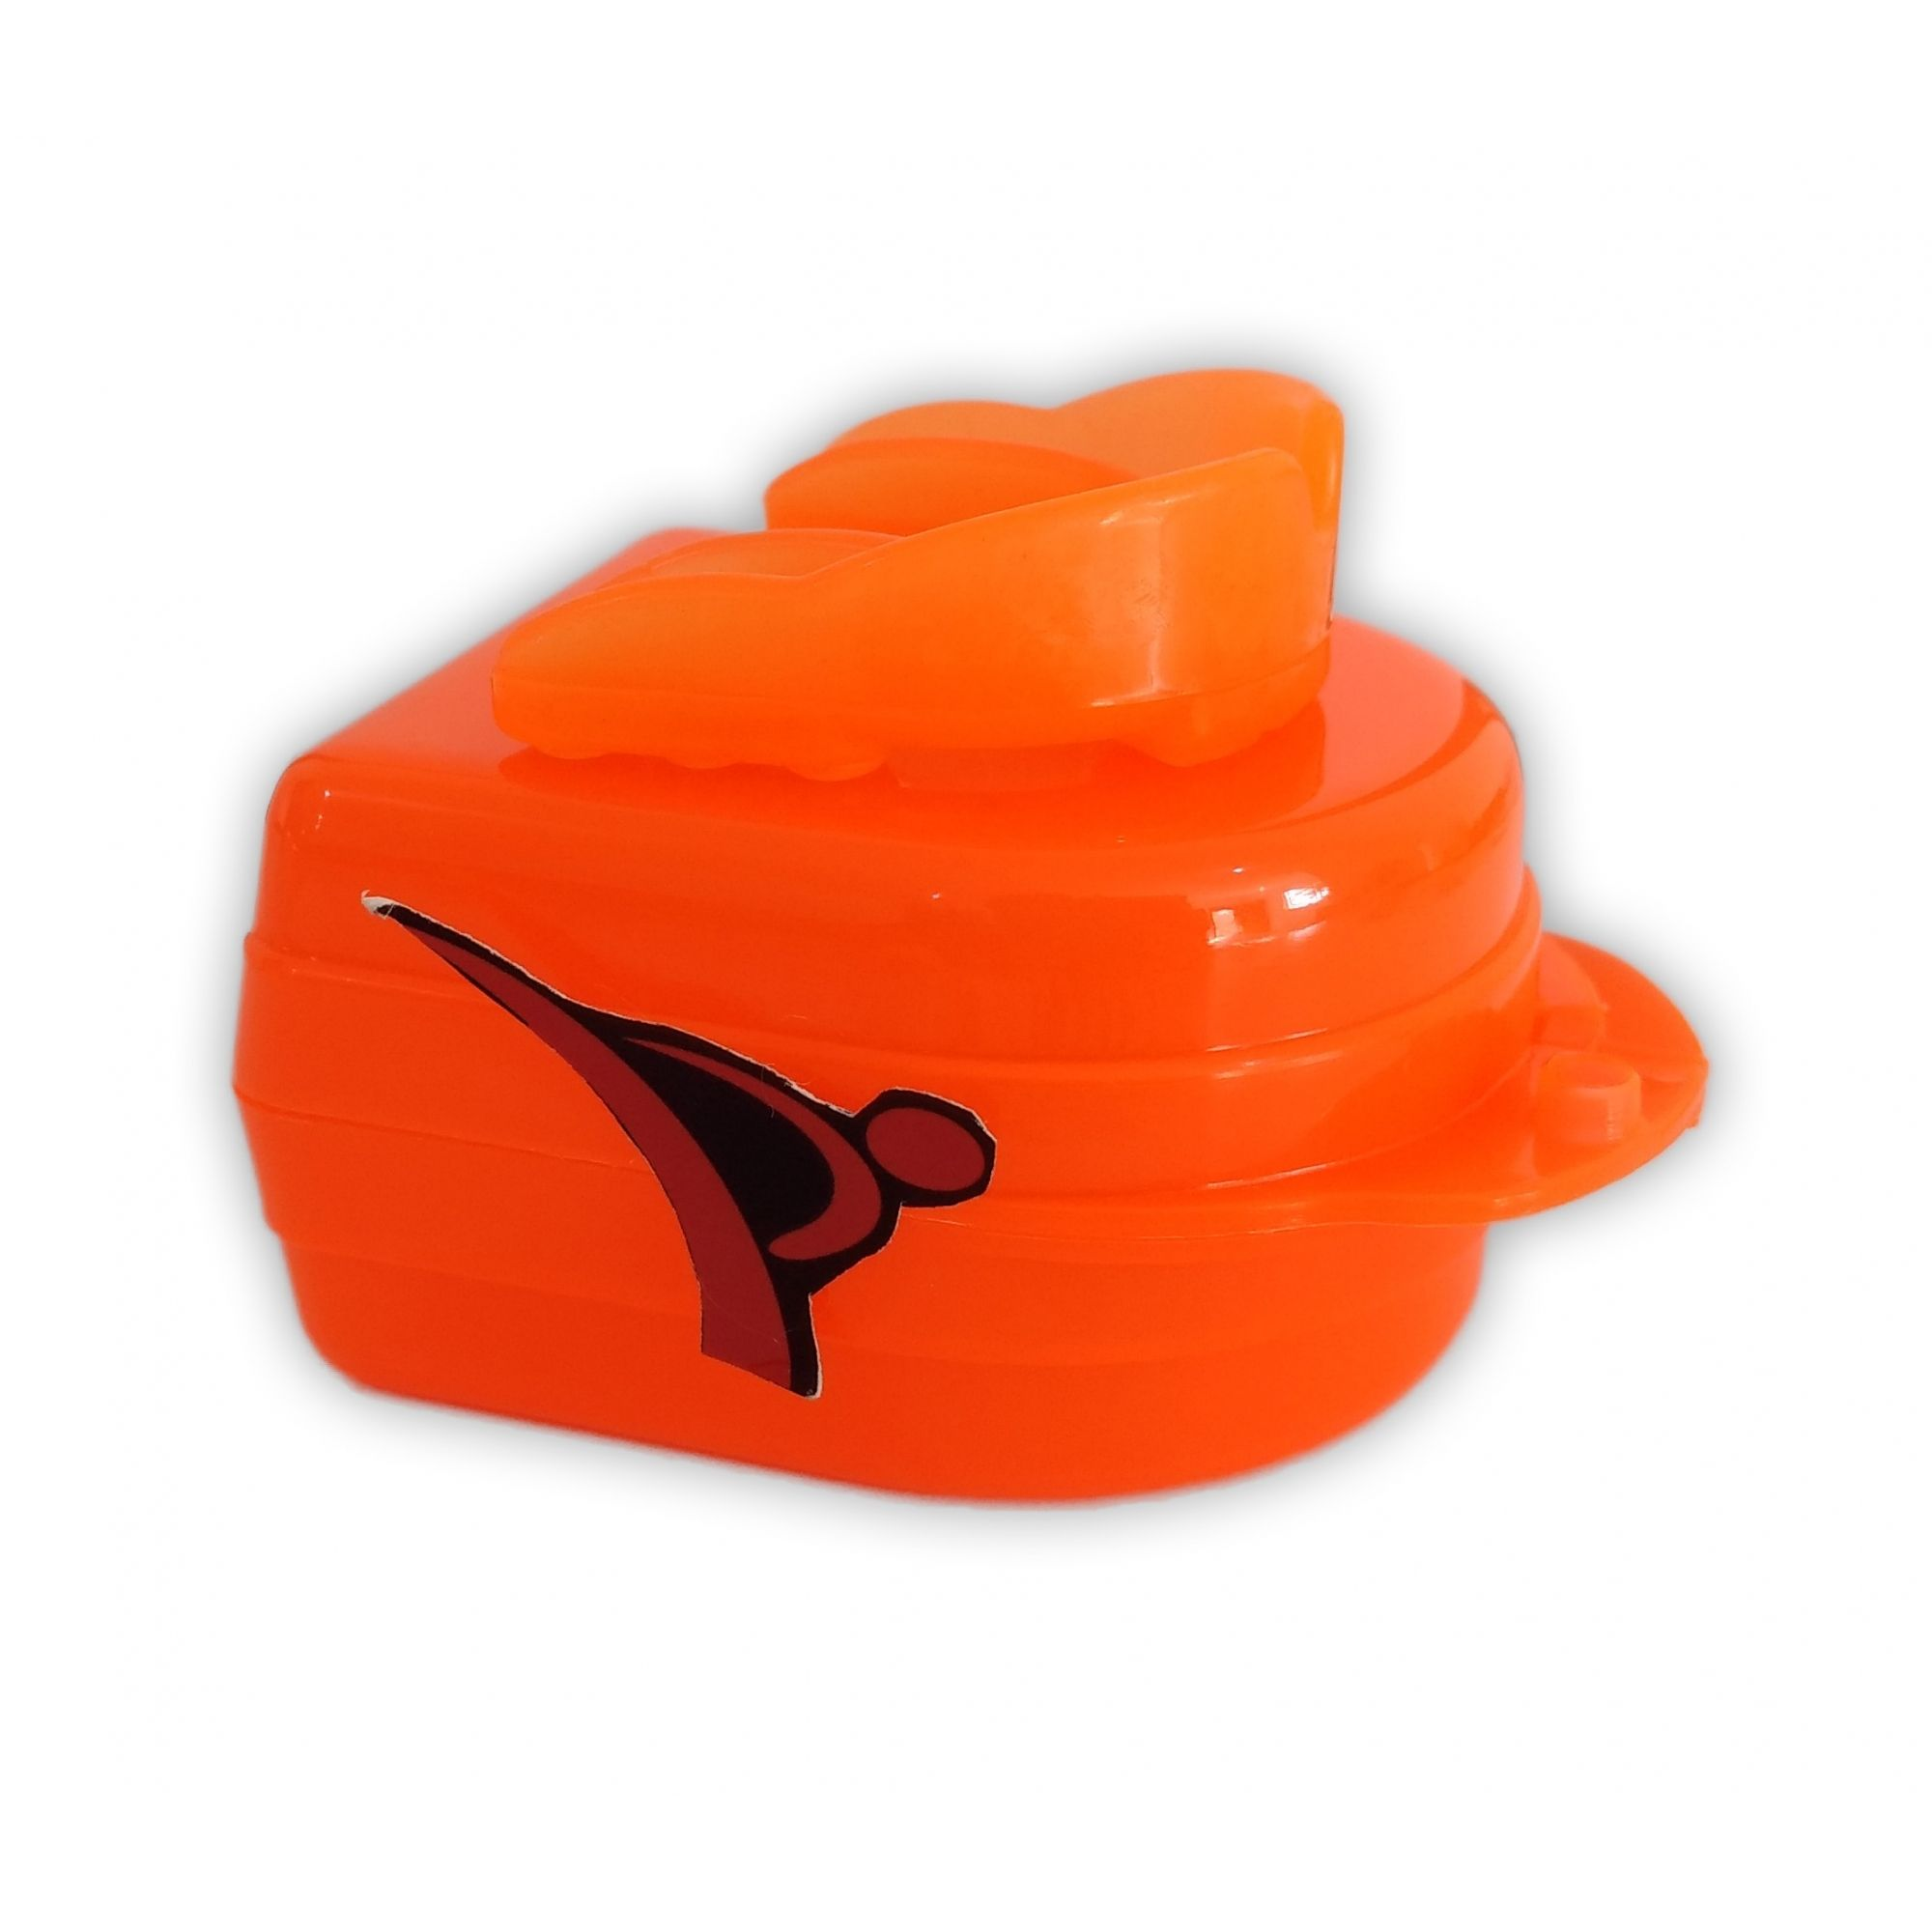 Protetor Bucal Dentes Simples Moldável Água Quente C/ Estojo Laranja - Vollo  - PRALUTA SHOP